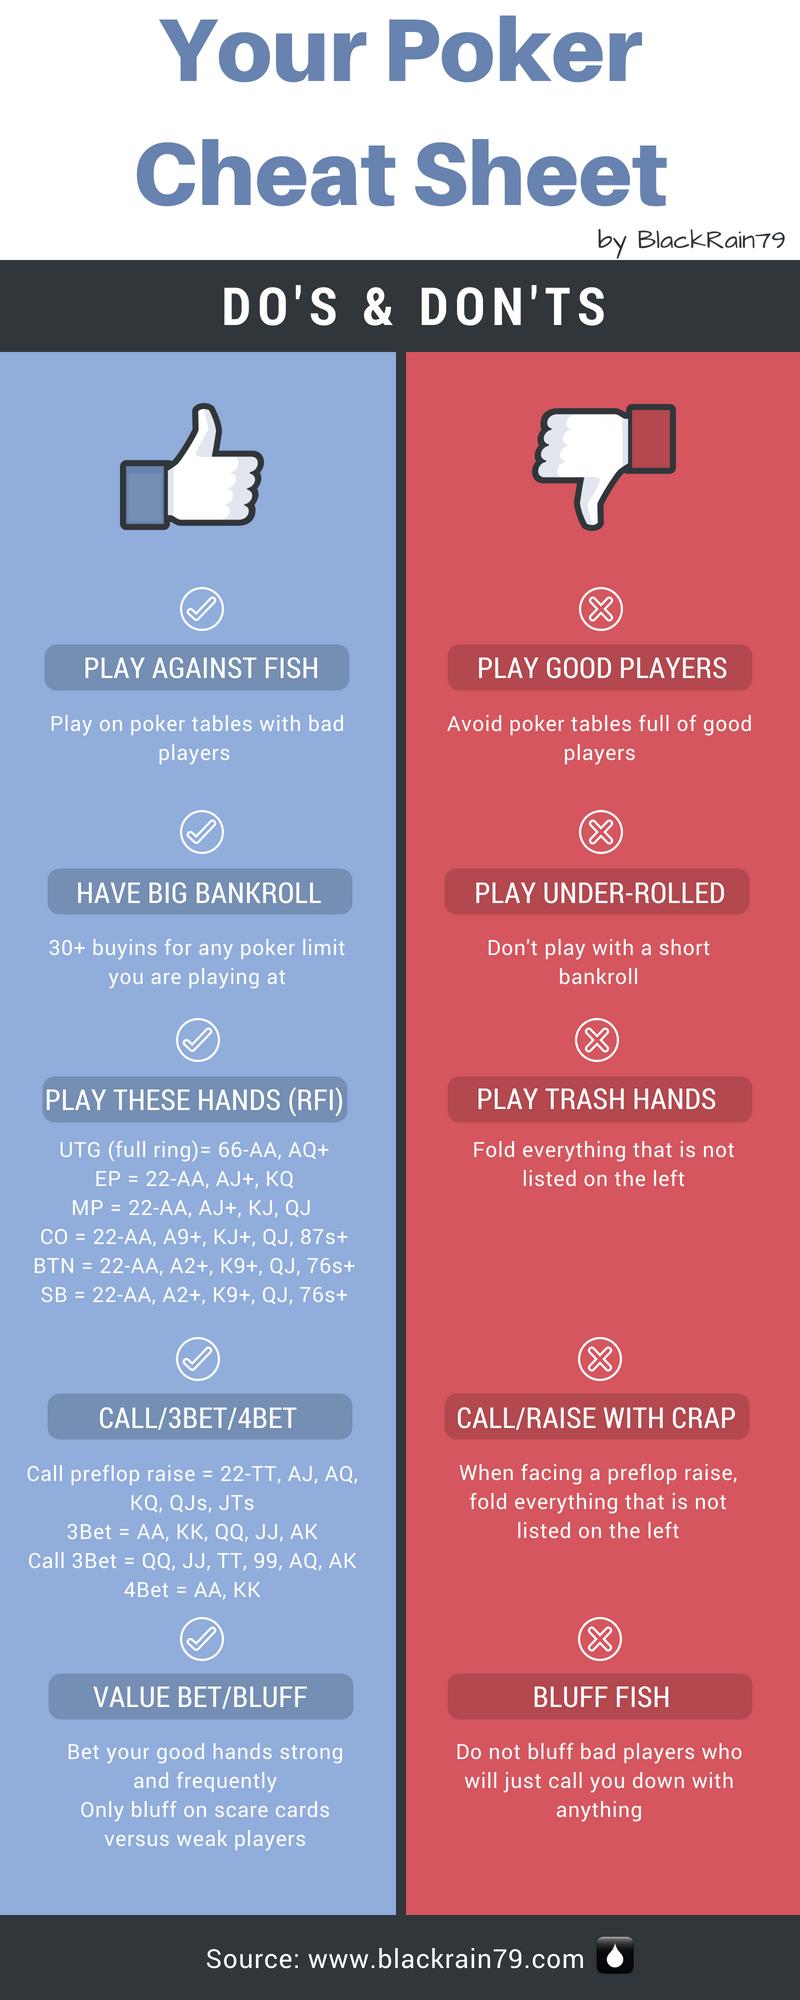 Free poker cheat sheet